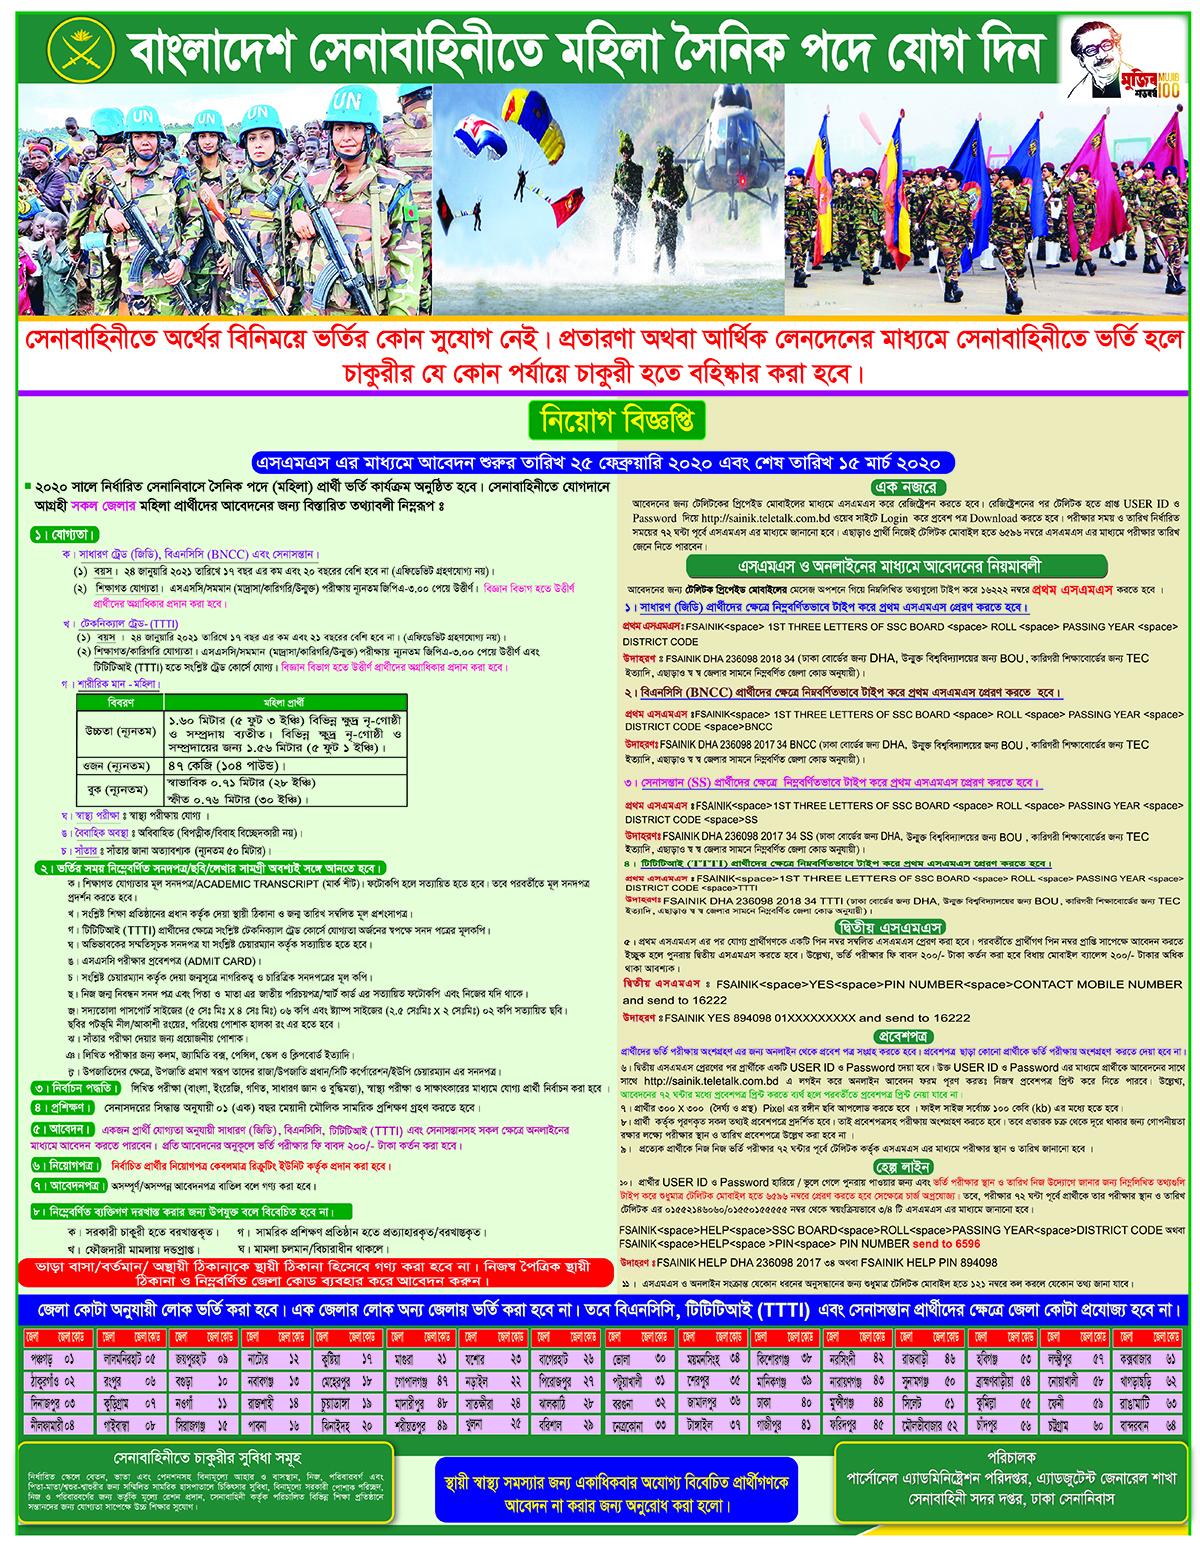 বাংলাদেশ সেনাবাহিনীতে সৈনিক (মহিলা) পদে নিয়োগ || Join bangladesh army Job Circular 2020